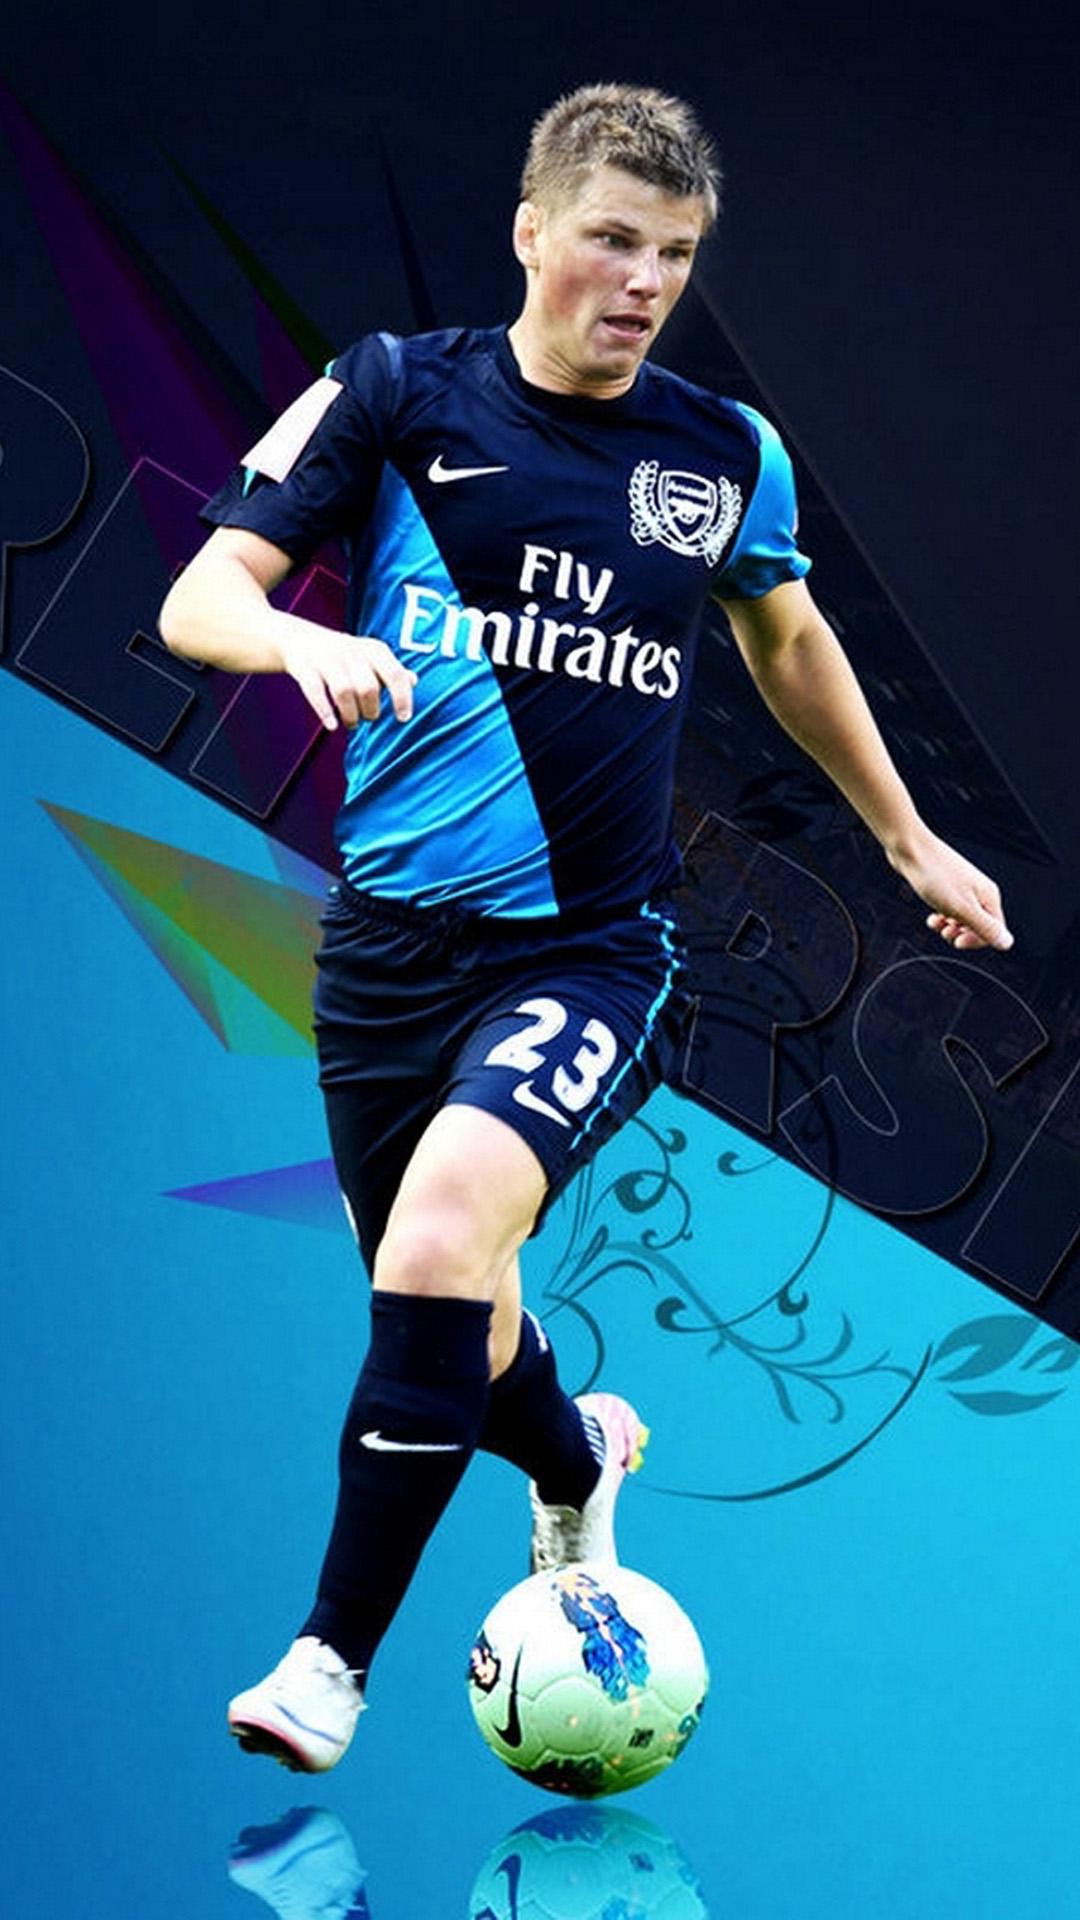 Arsenal Iphone Wallpaper Hd Football Iphone Wallpapers Hd Pixelstalk Net